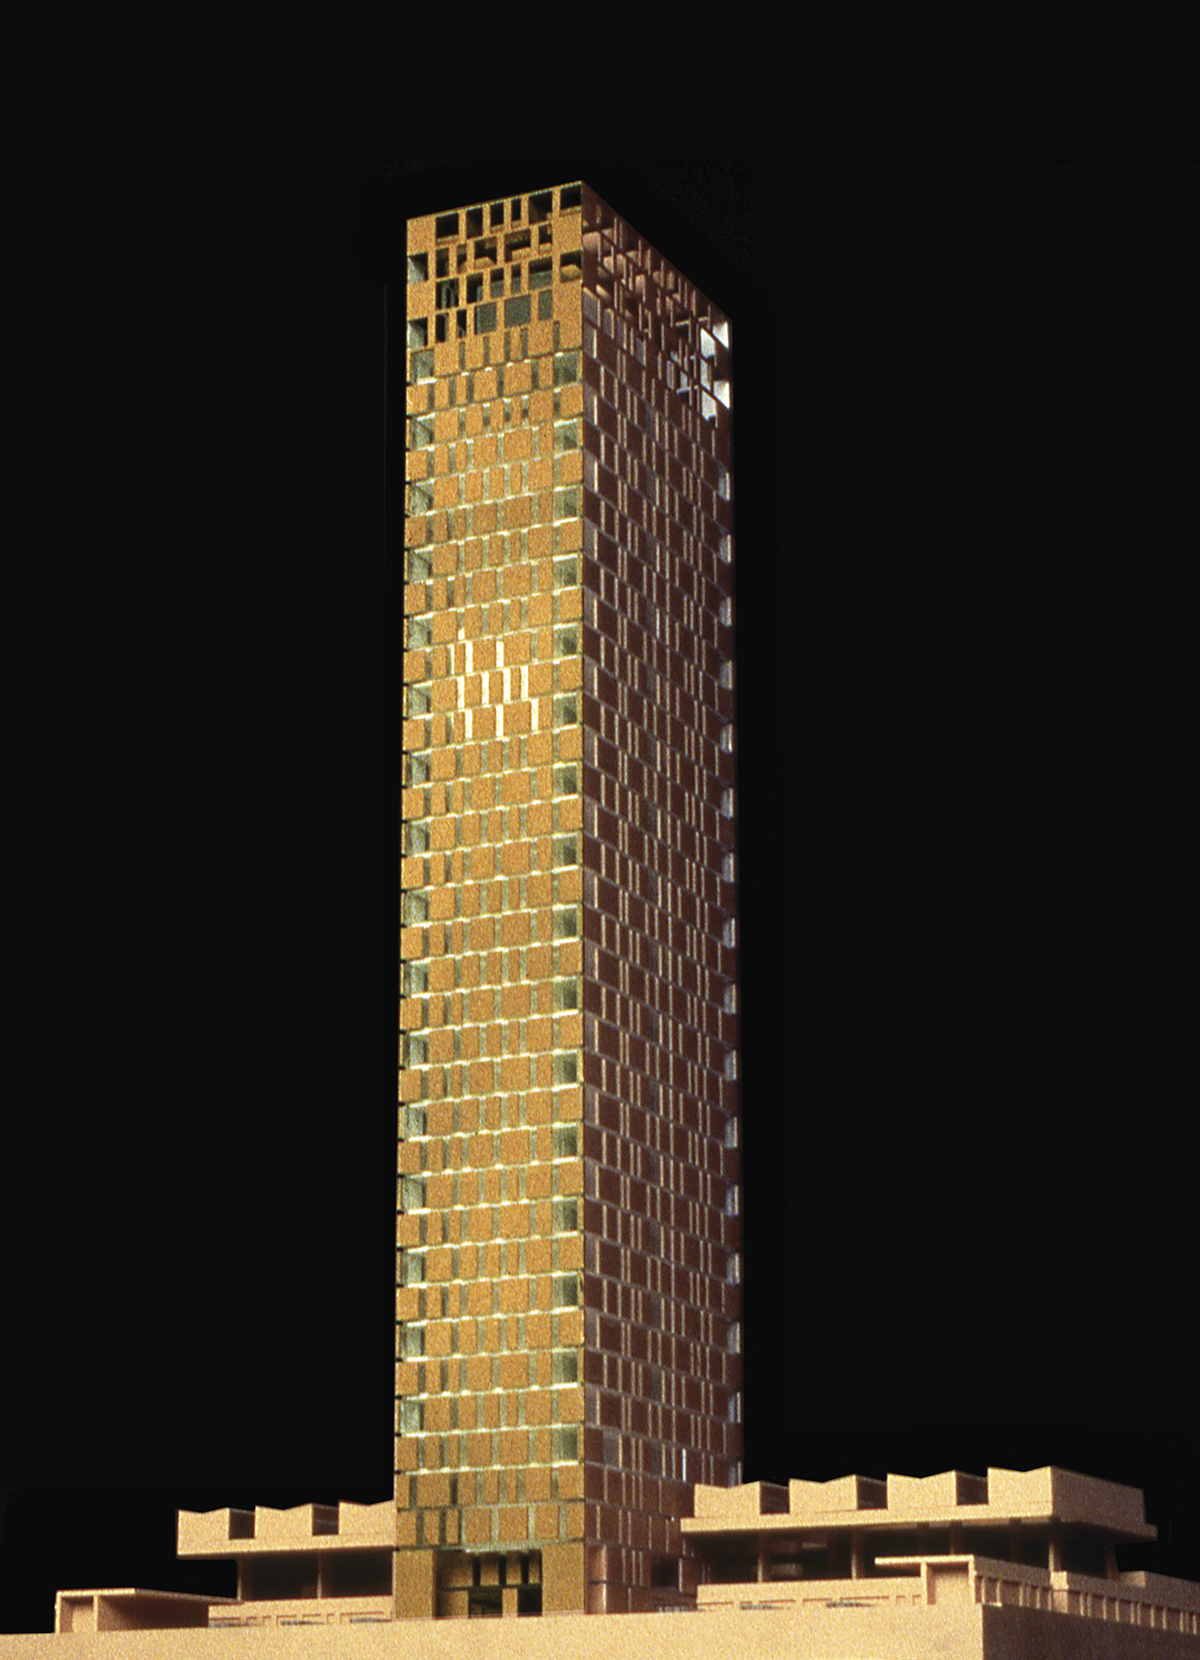 Concurso para una torre de viviendas | Imagen de proyecto1